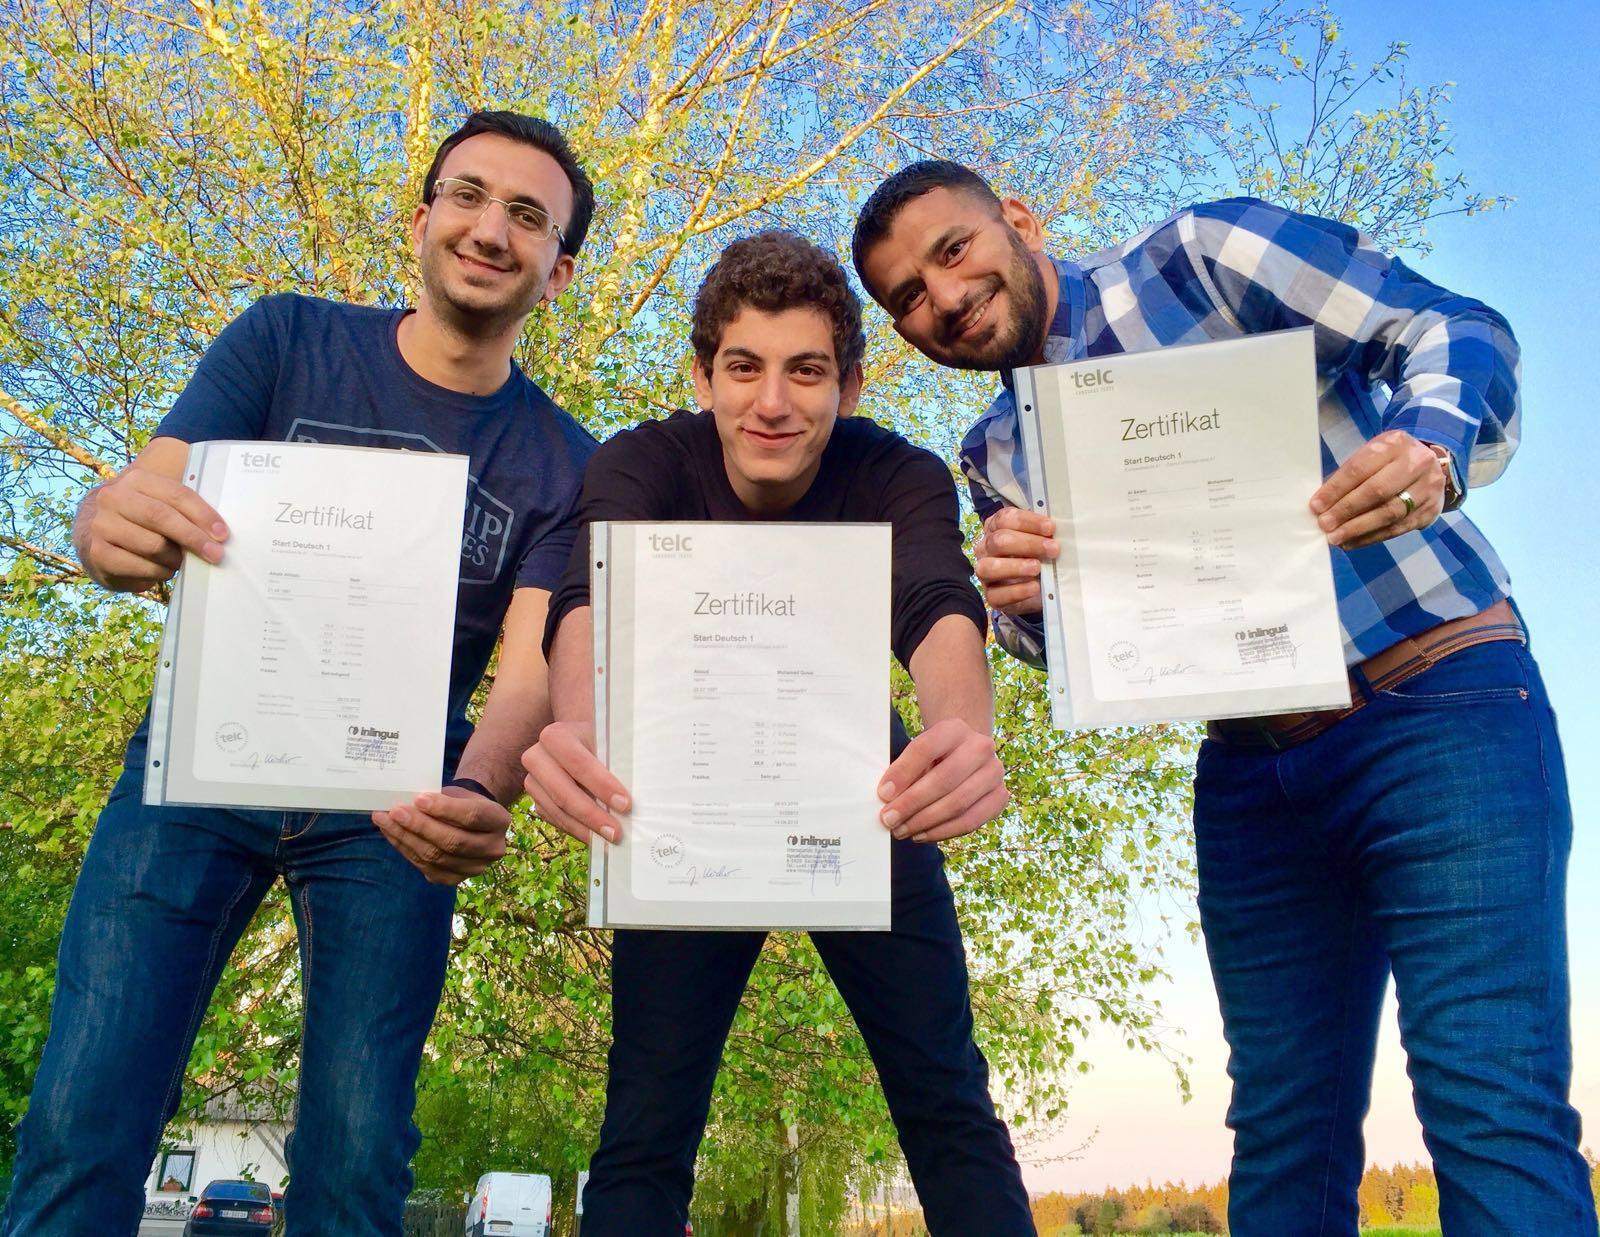 Telc Certificate Inlingua Salzburg